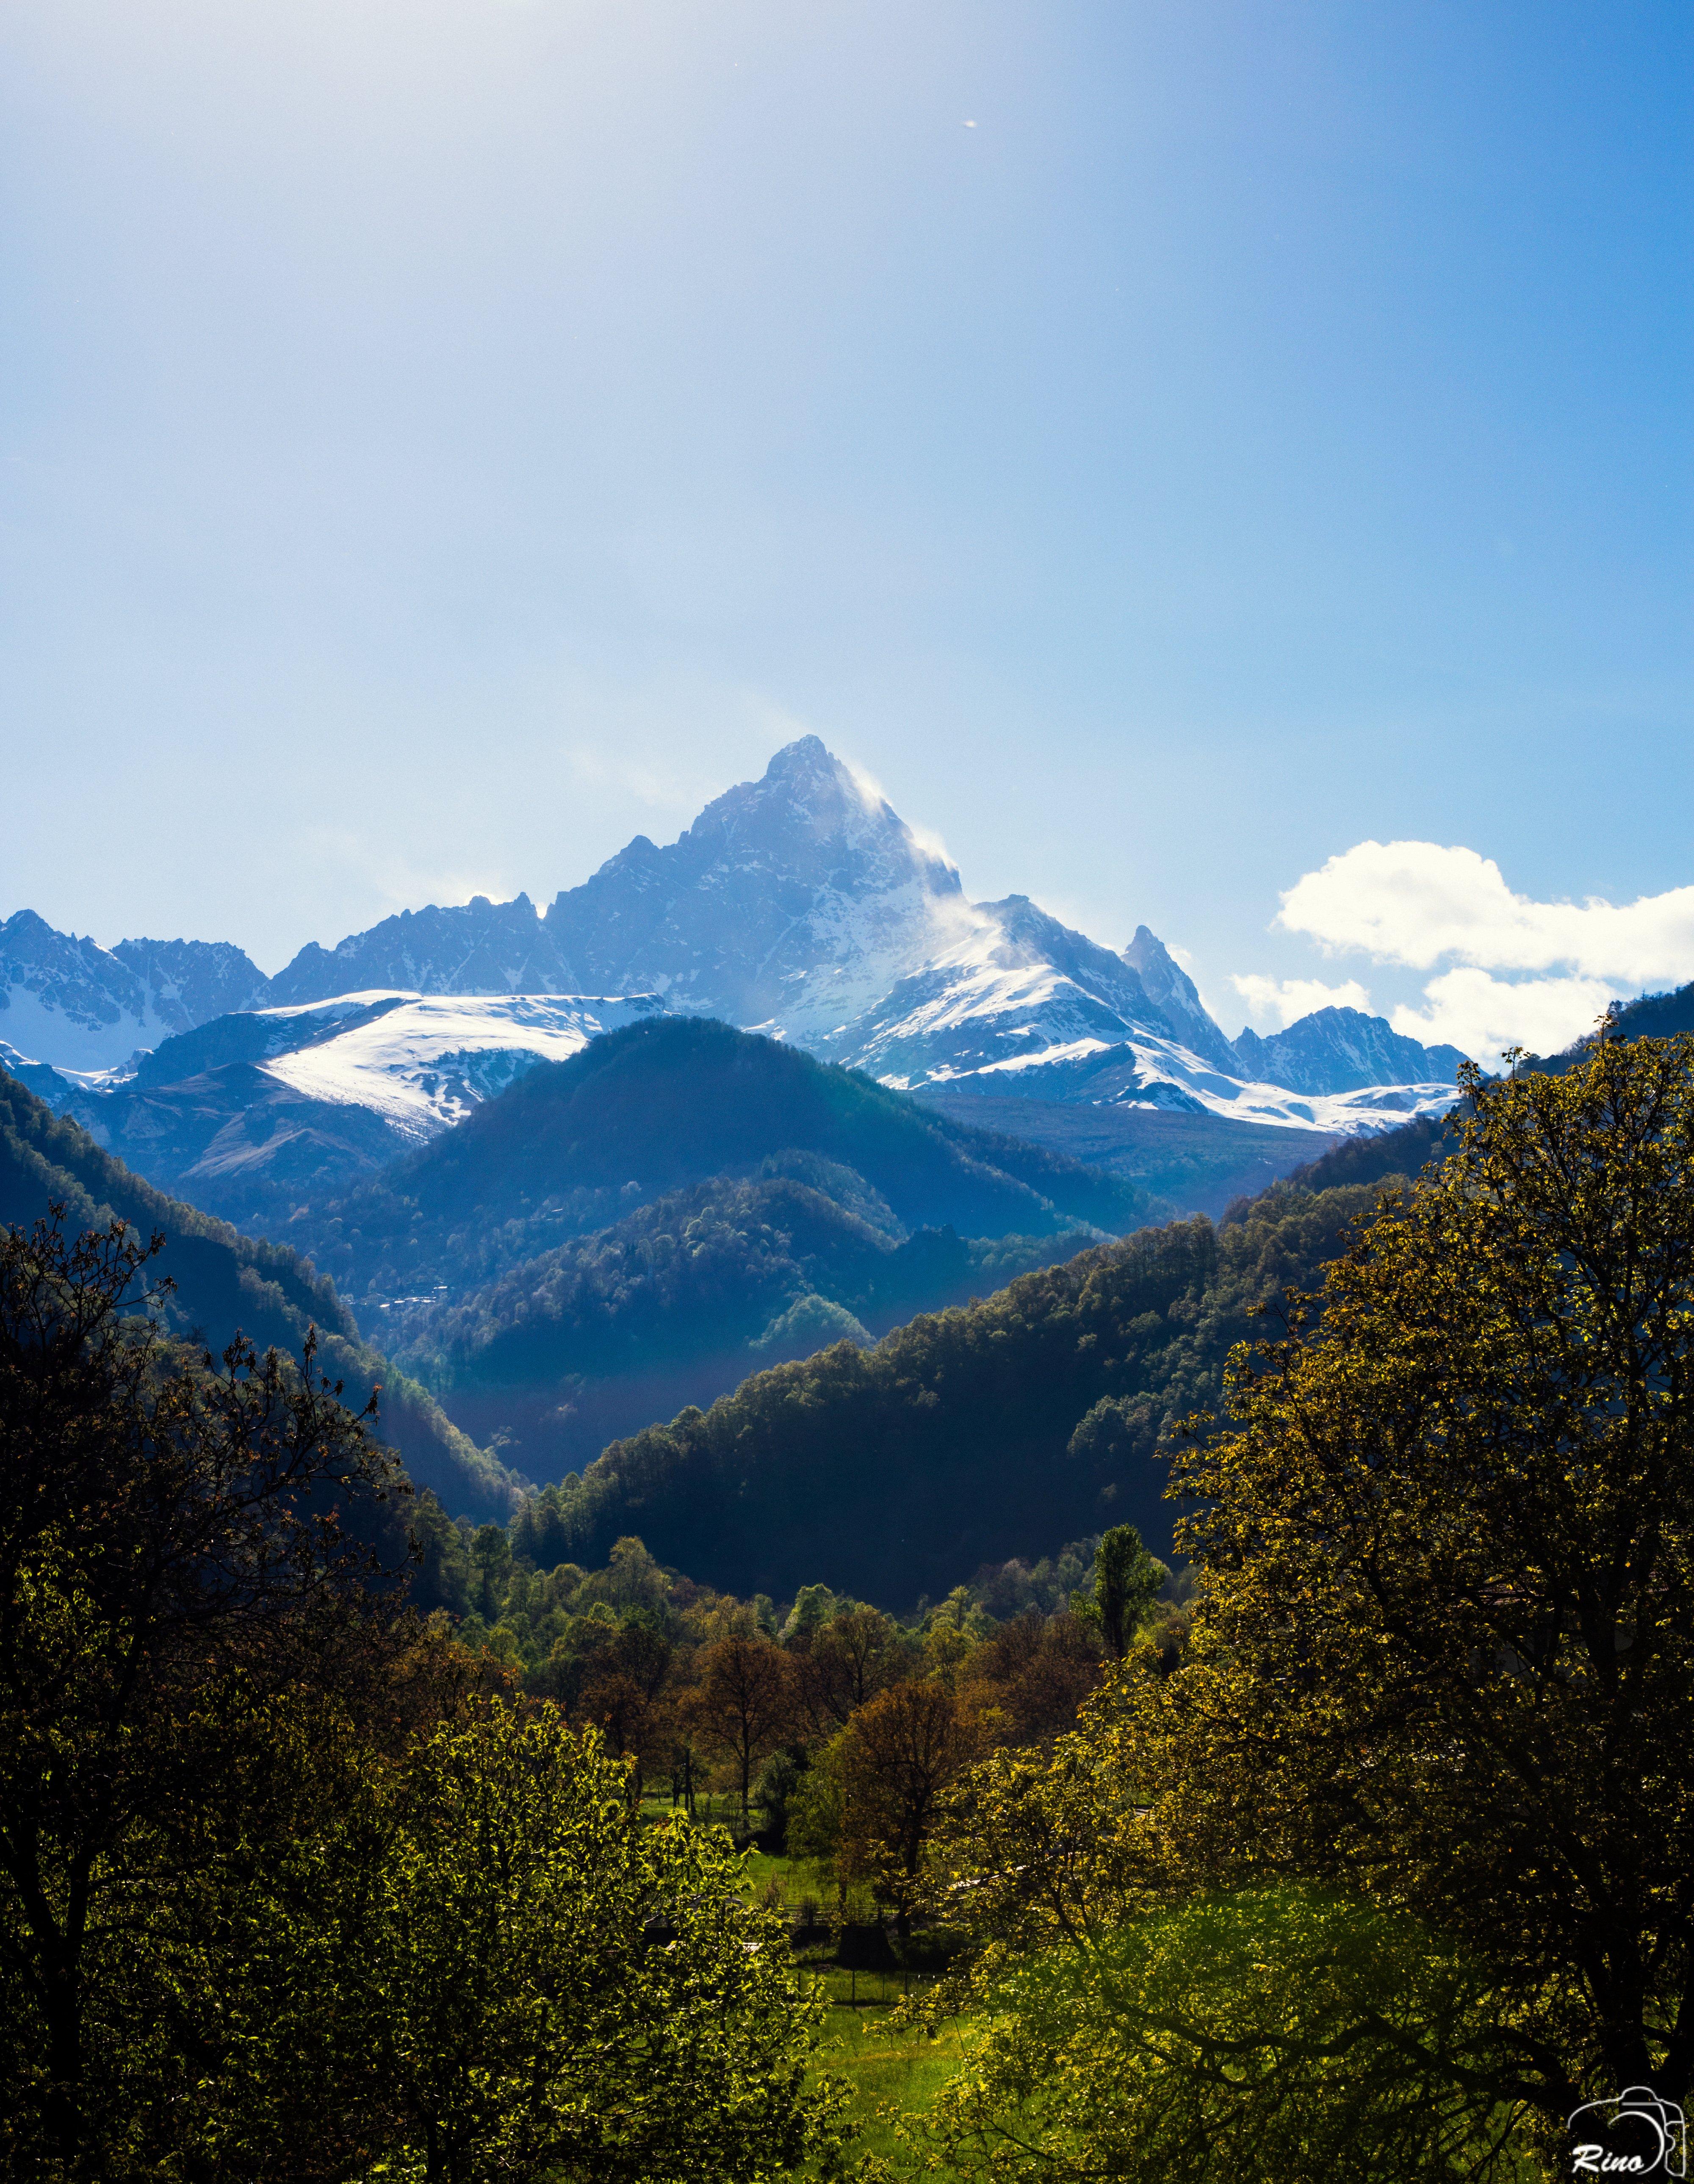 131882壁紙のダウンロード自然, 森林, 森, 木, バーテックス, ページのトップへ, 山脈, 風景-スクリーンセーバーと写真を無料で